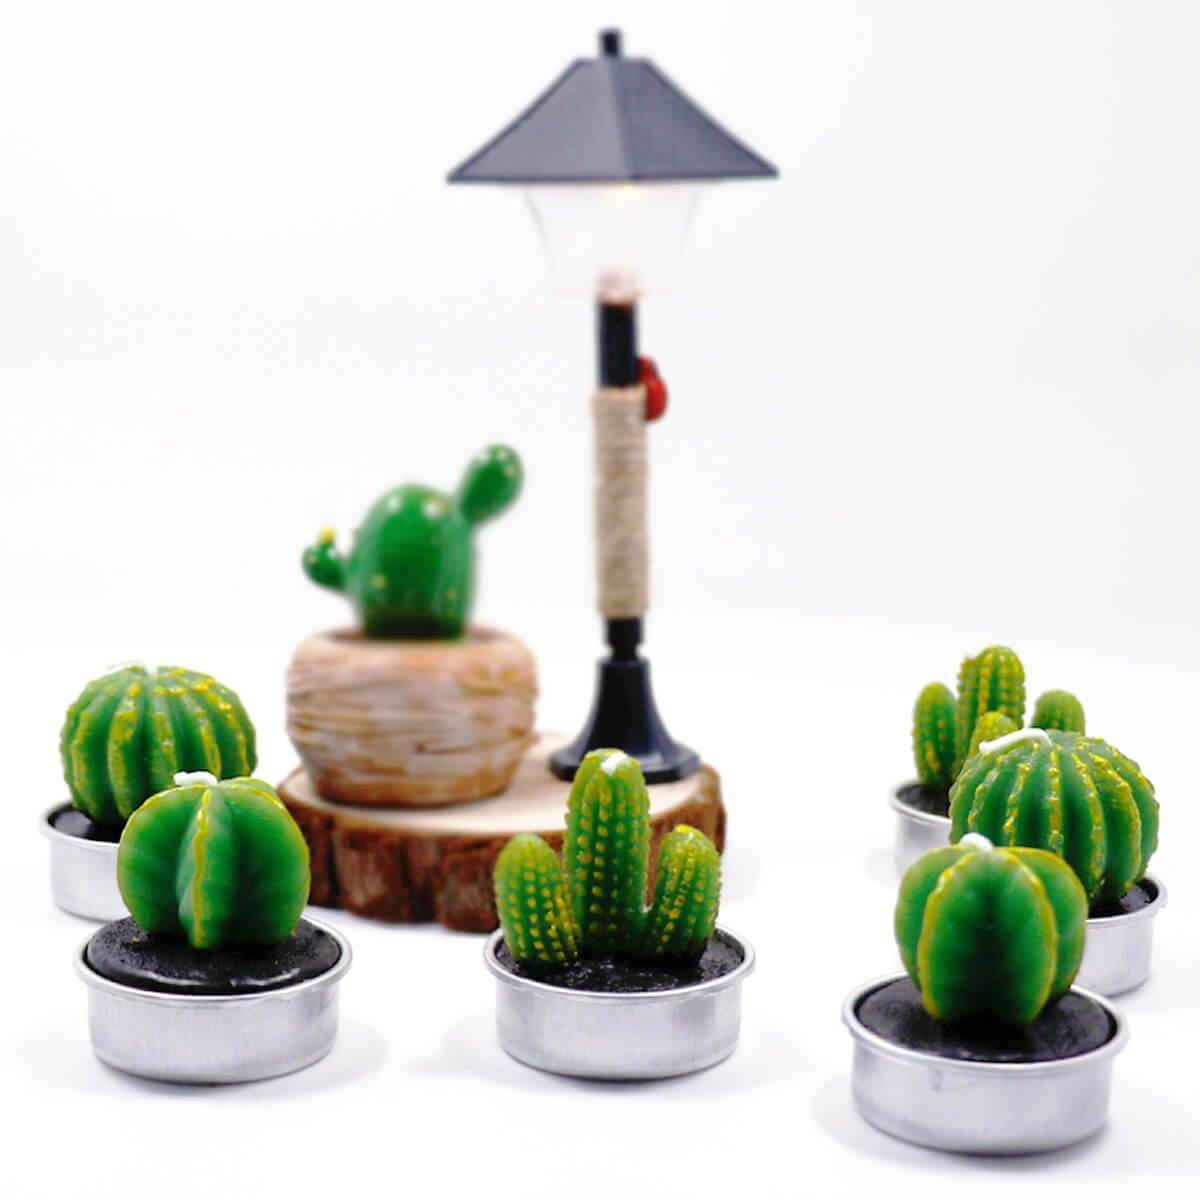 Cactus Decor Candles Non-Spilling Tea Light for Home Birthday Party Wedding Decor 6 Pcs